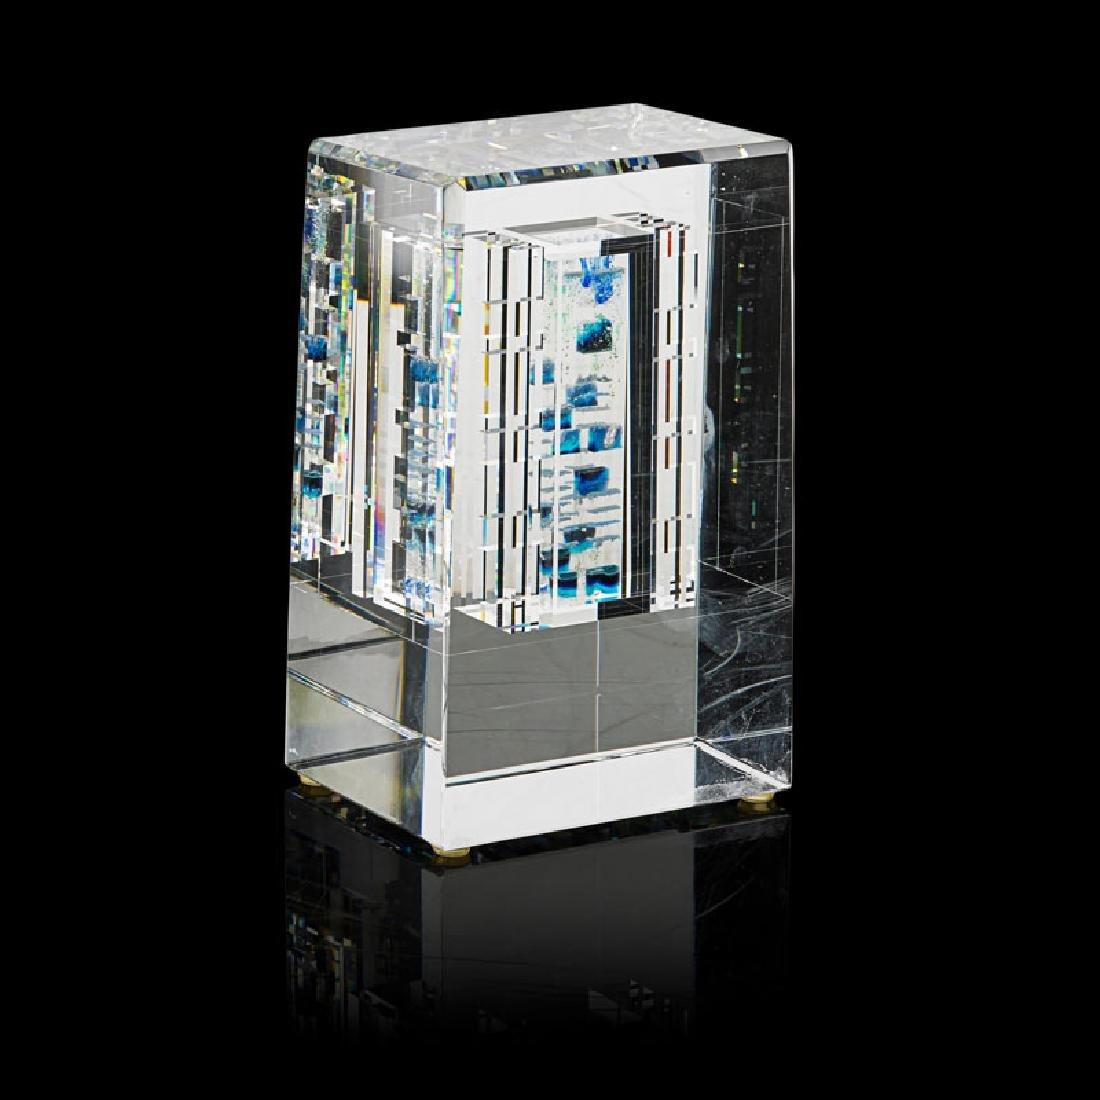 JON KUHN Glass sculpture - 2